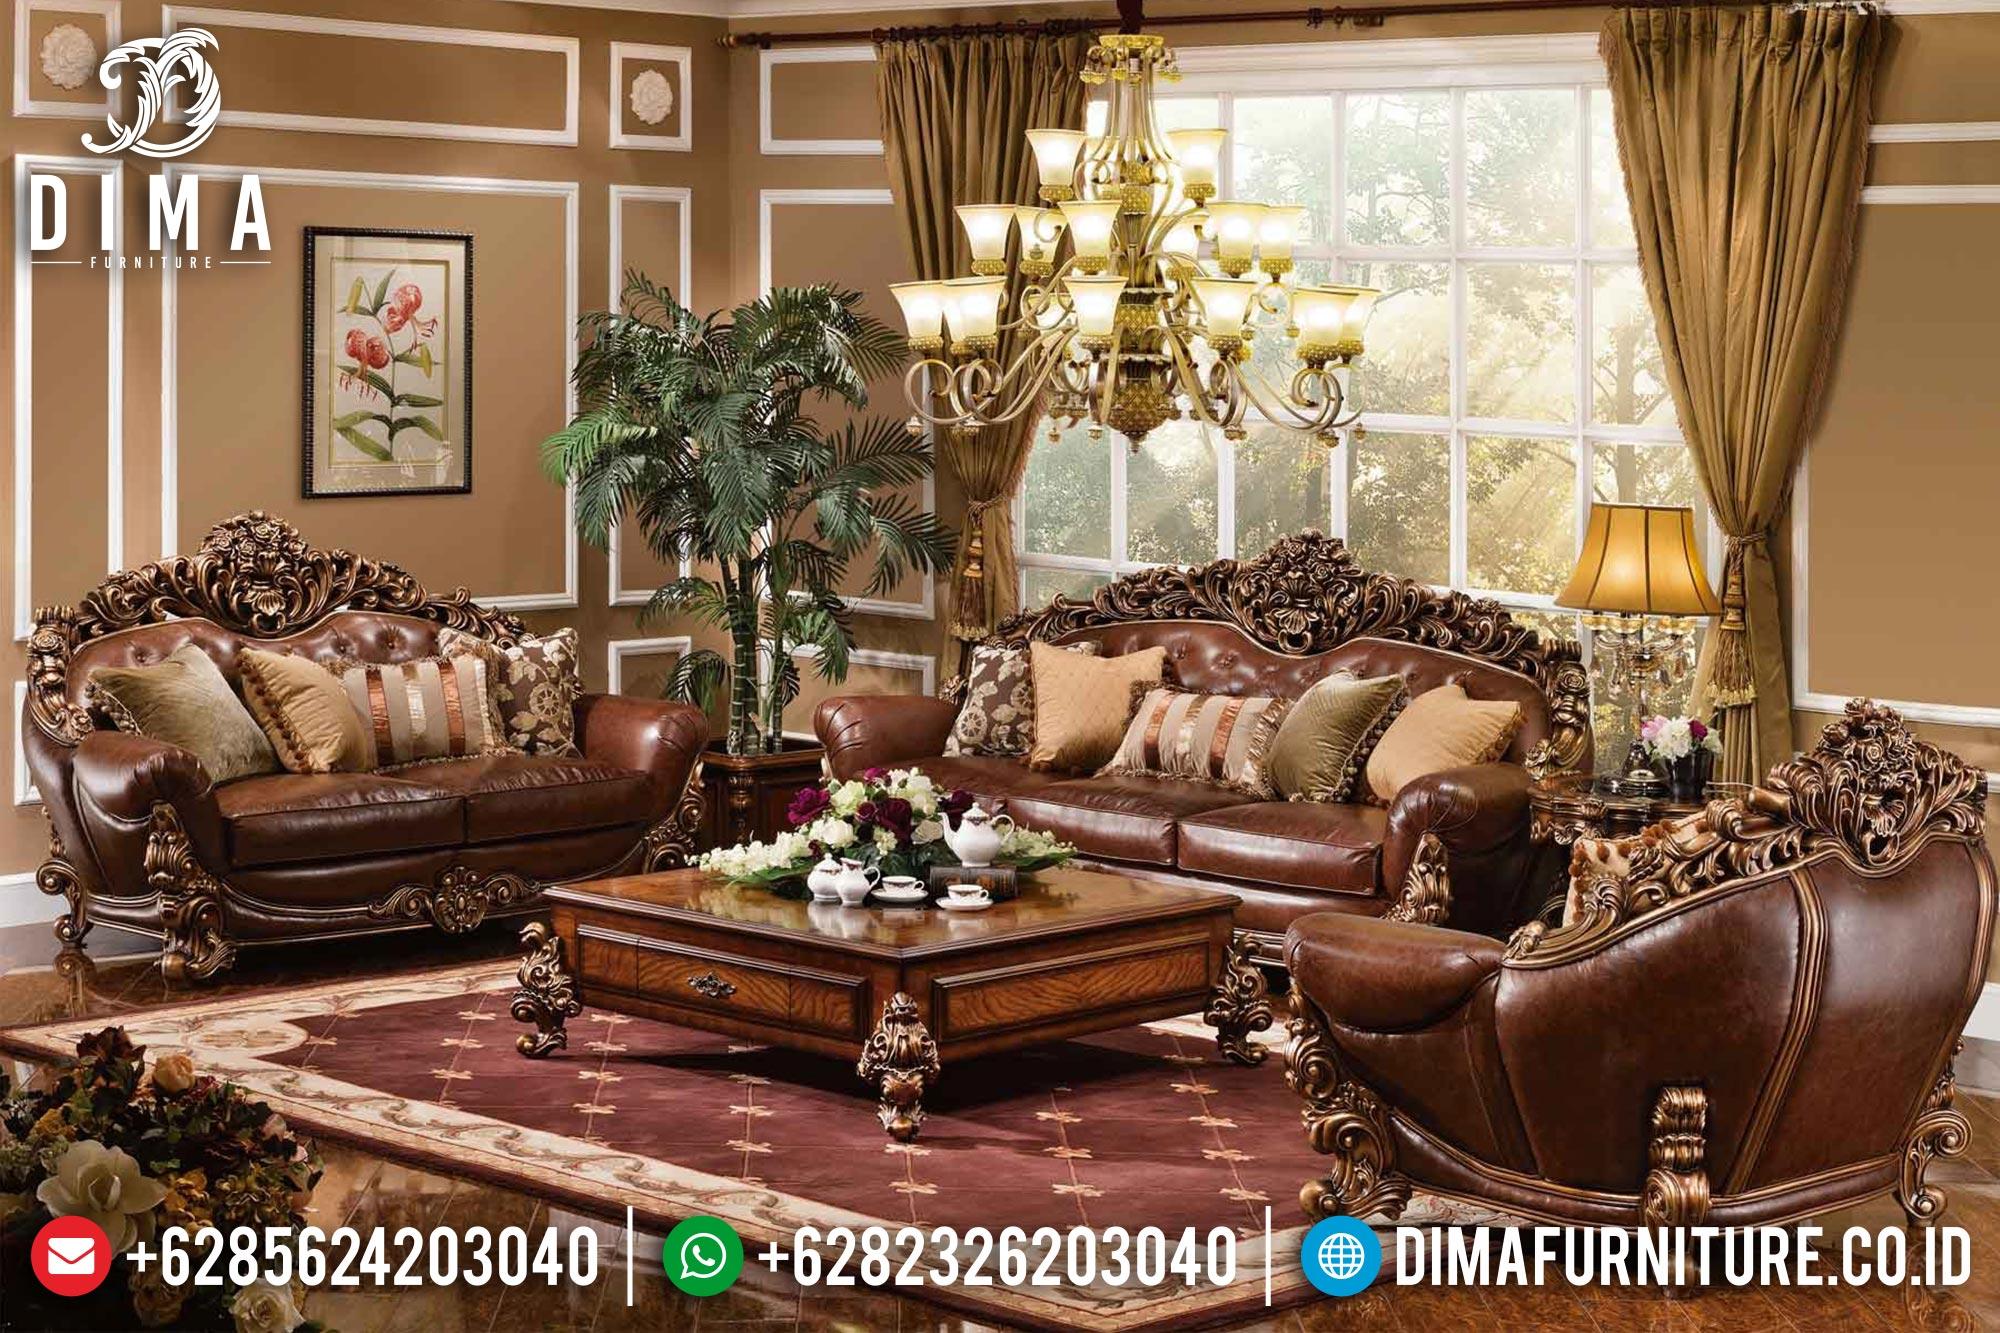 Sofa Tamu Mewah Jati Jepara Terbaru Model Brunello ST-0392